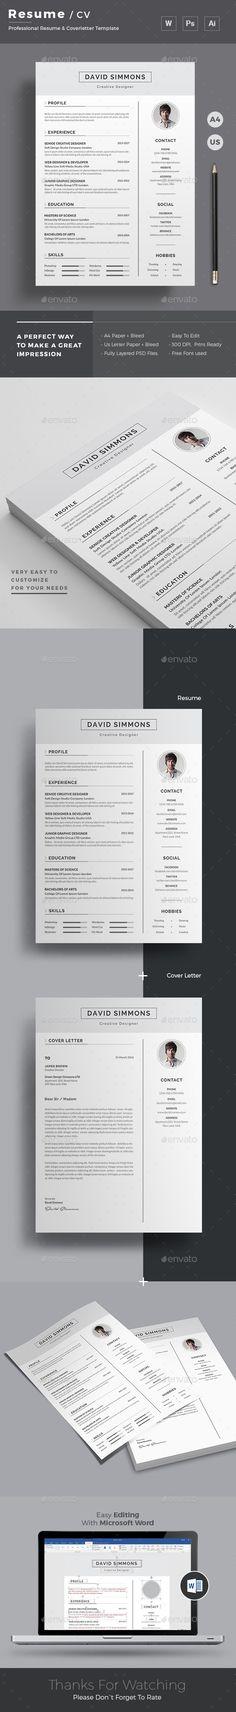 Resume Curriculum professionale, Semplice e Curriculum vitae - resume paper size